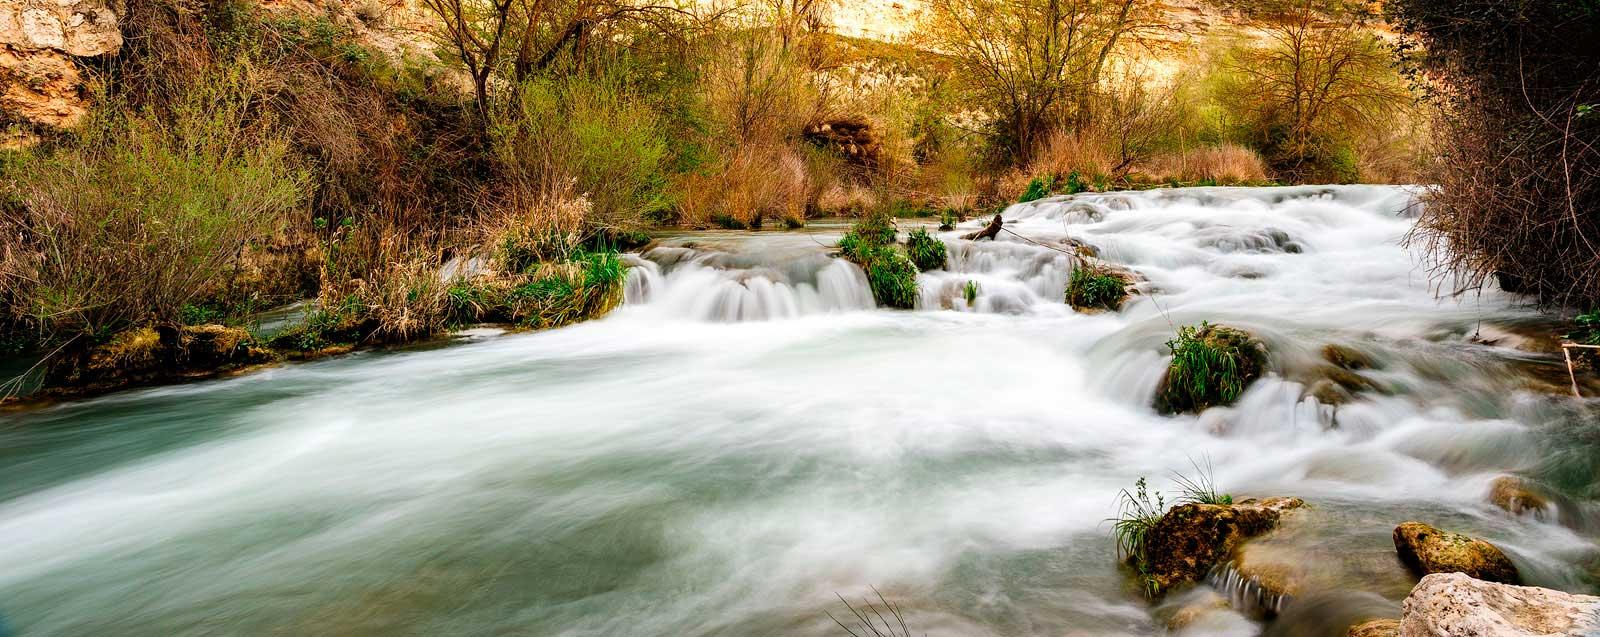 Salto de agua del Río Júcar